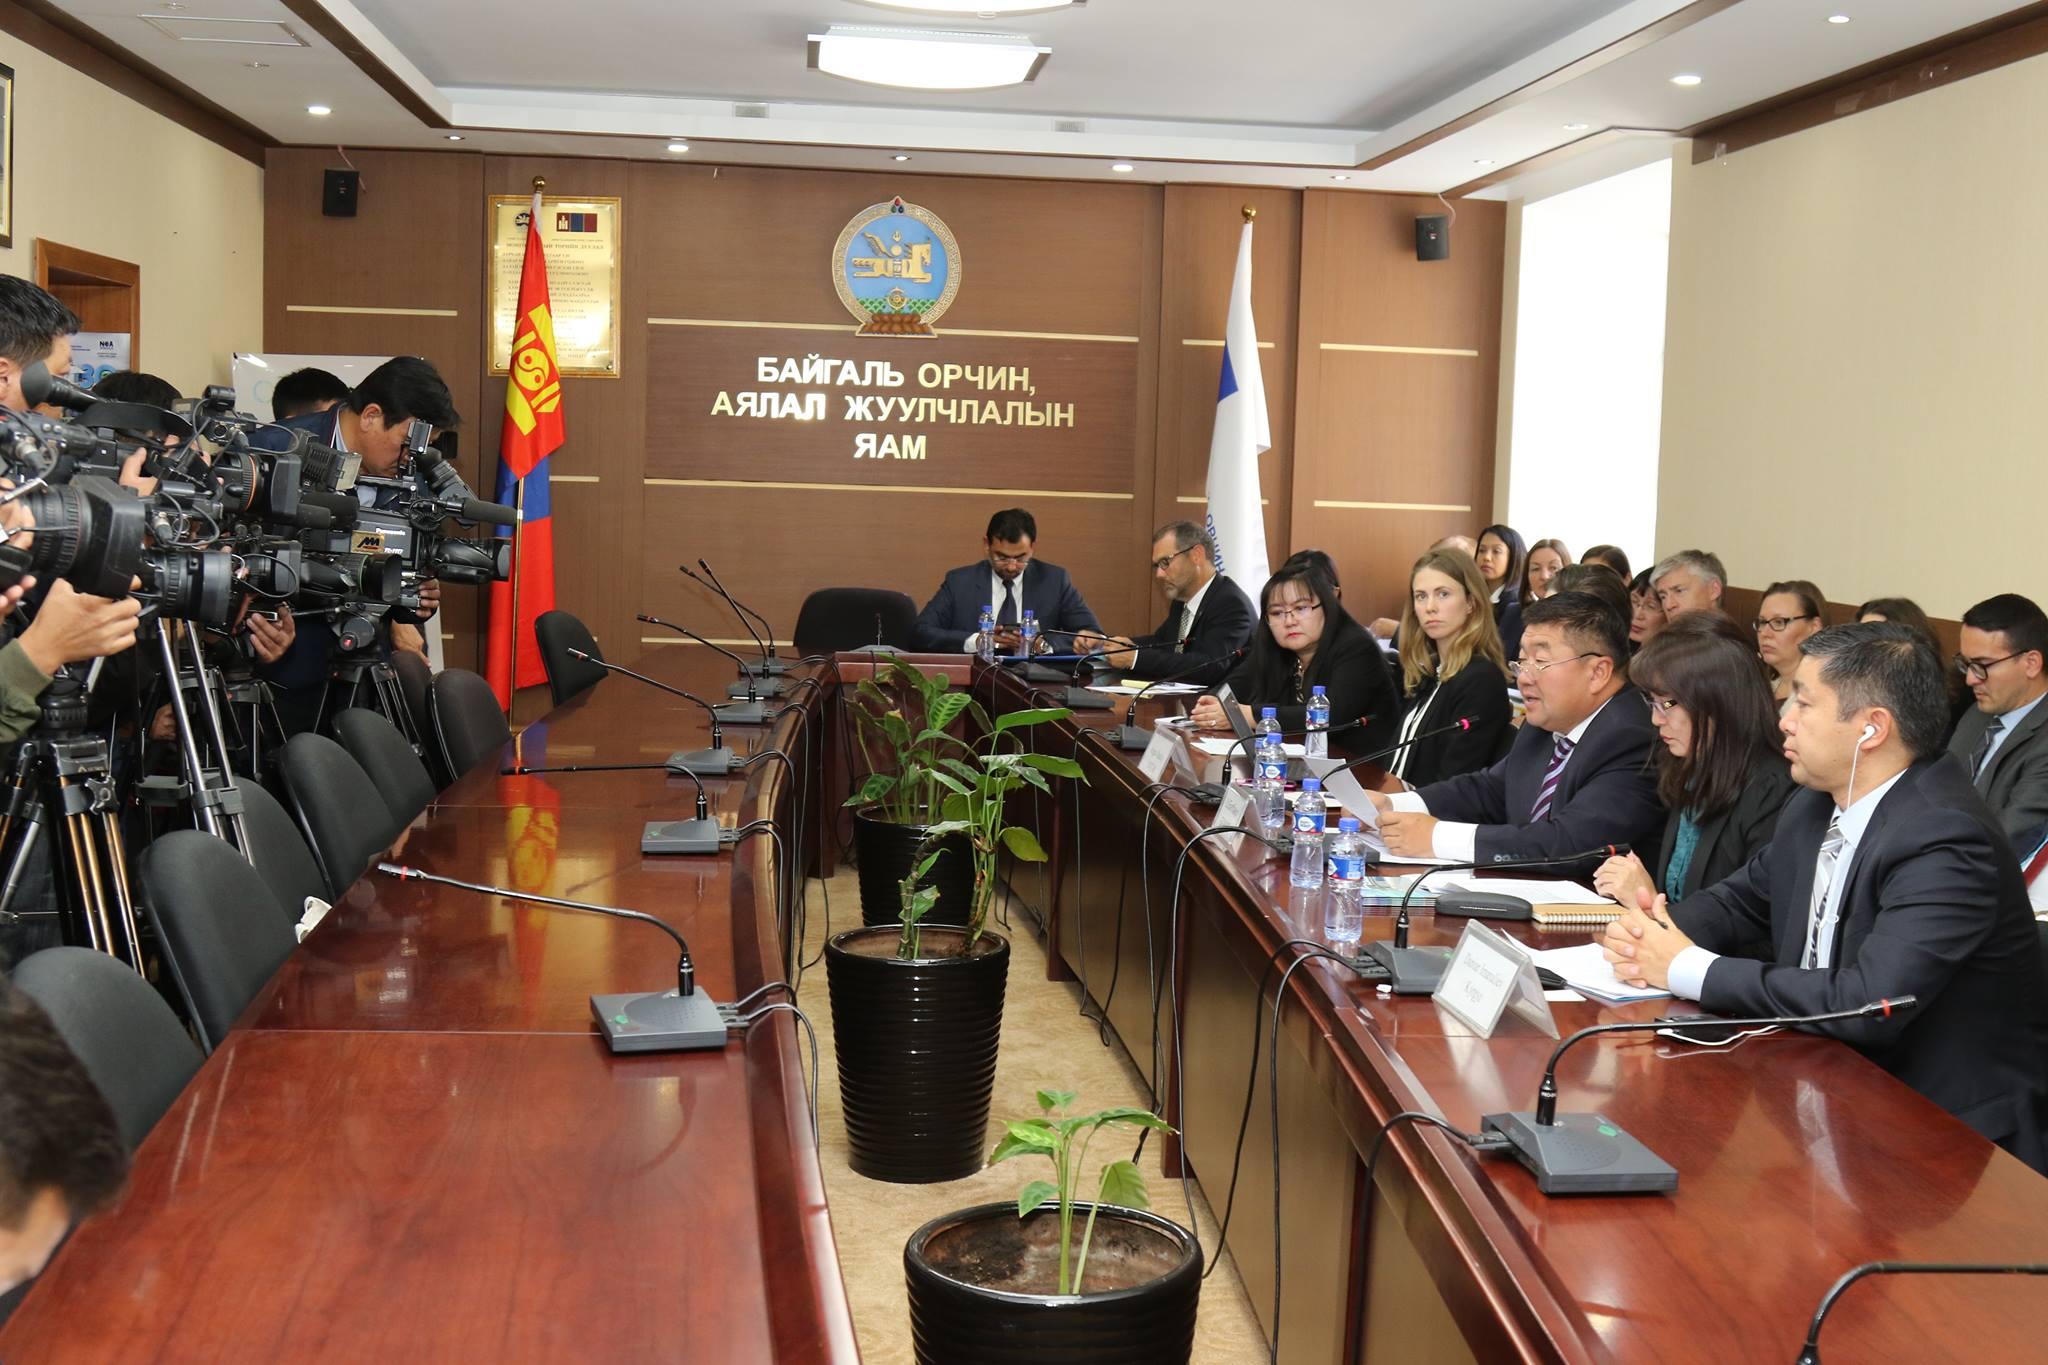 Монгол улс ногоон хөгжлийн үндсээ бусад орнуудад үлгэр дуурайлал болохуйц тавьж байгааг онцлов